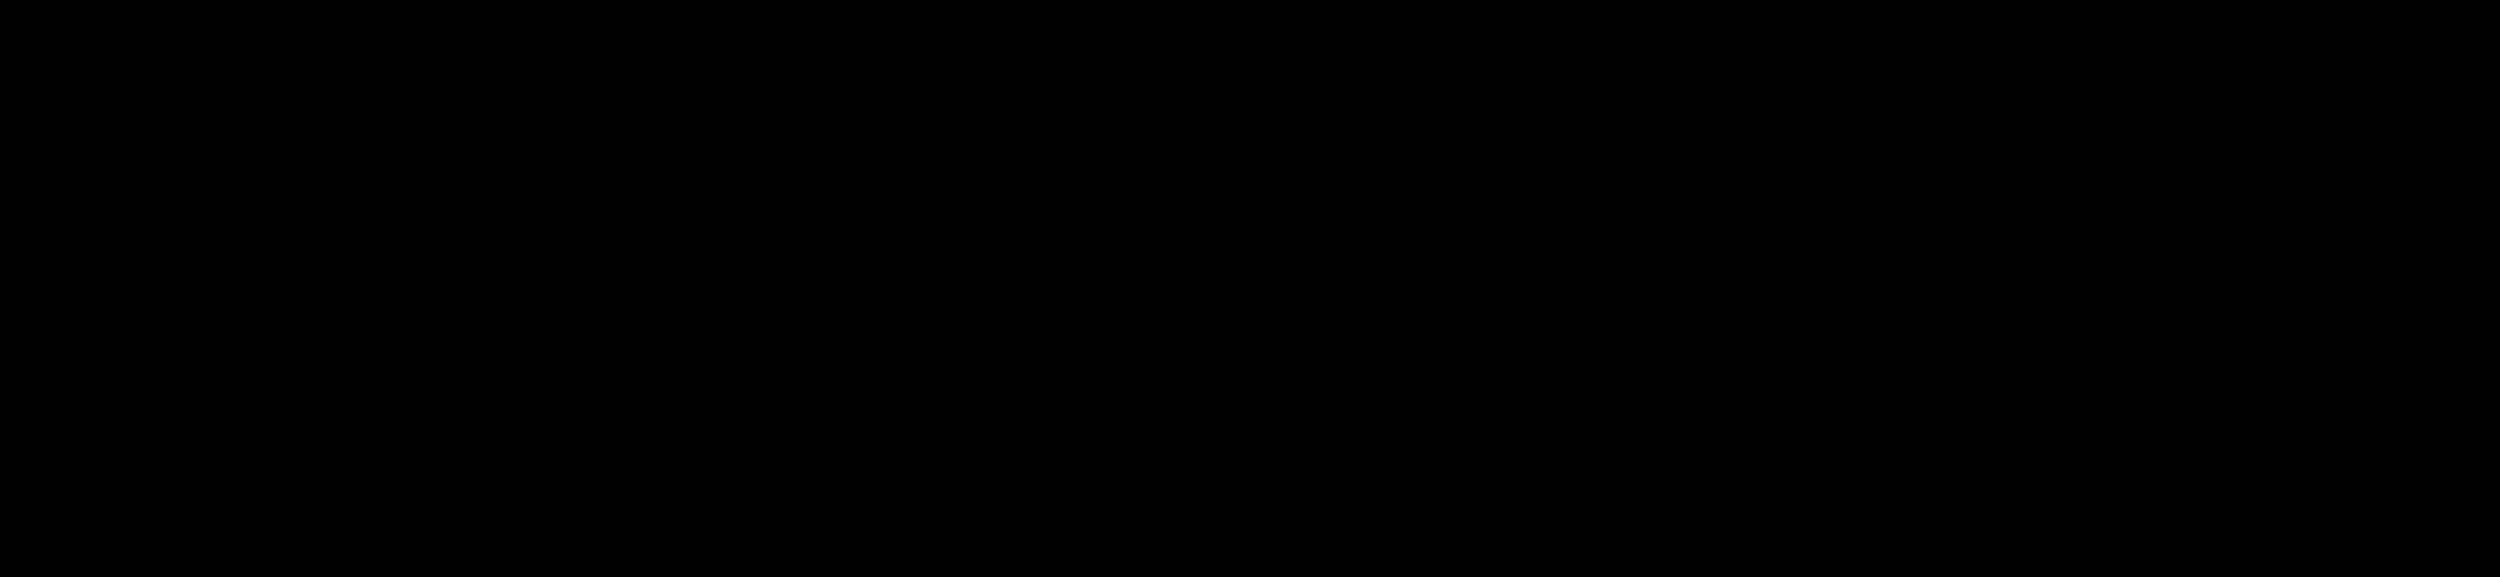 folies bergere logo-01.jpg